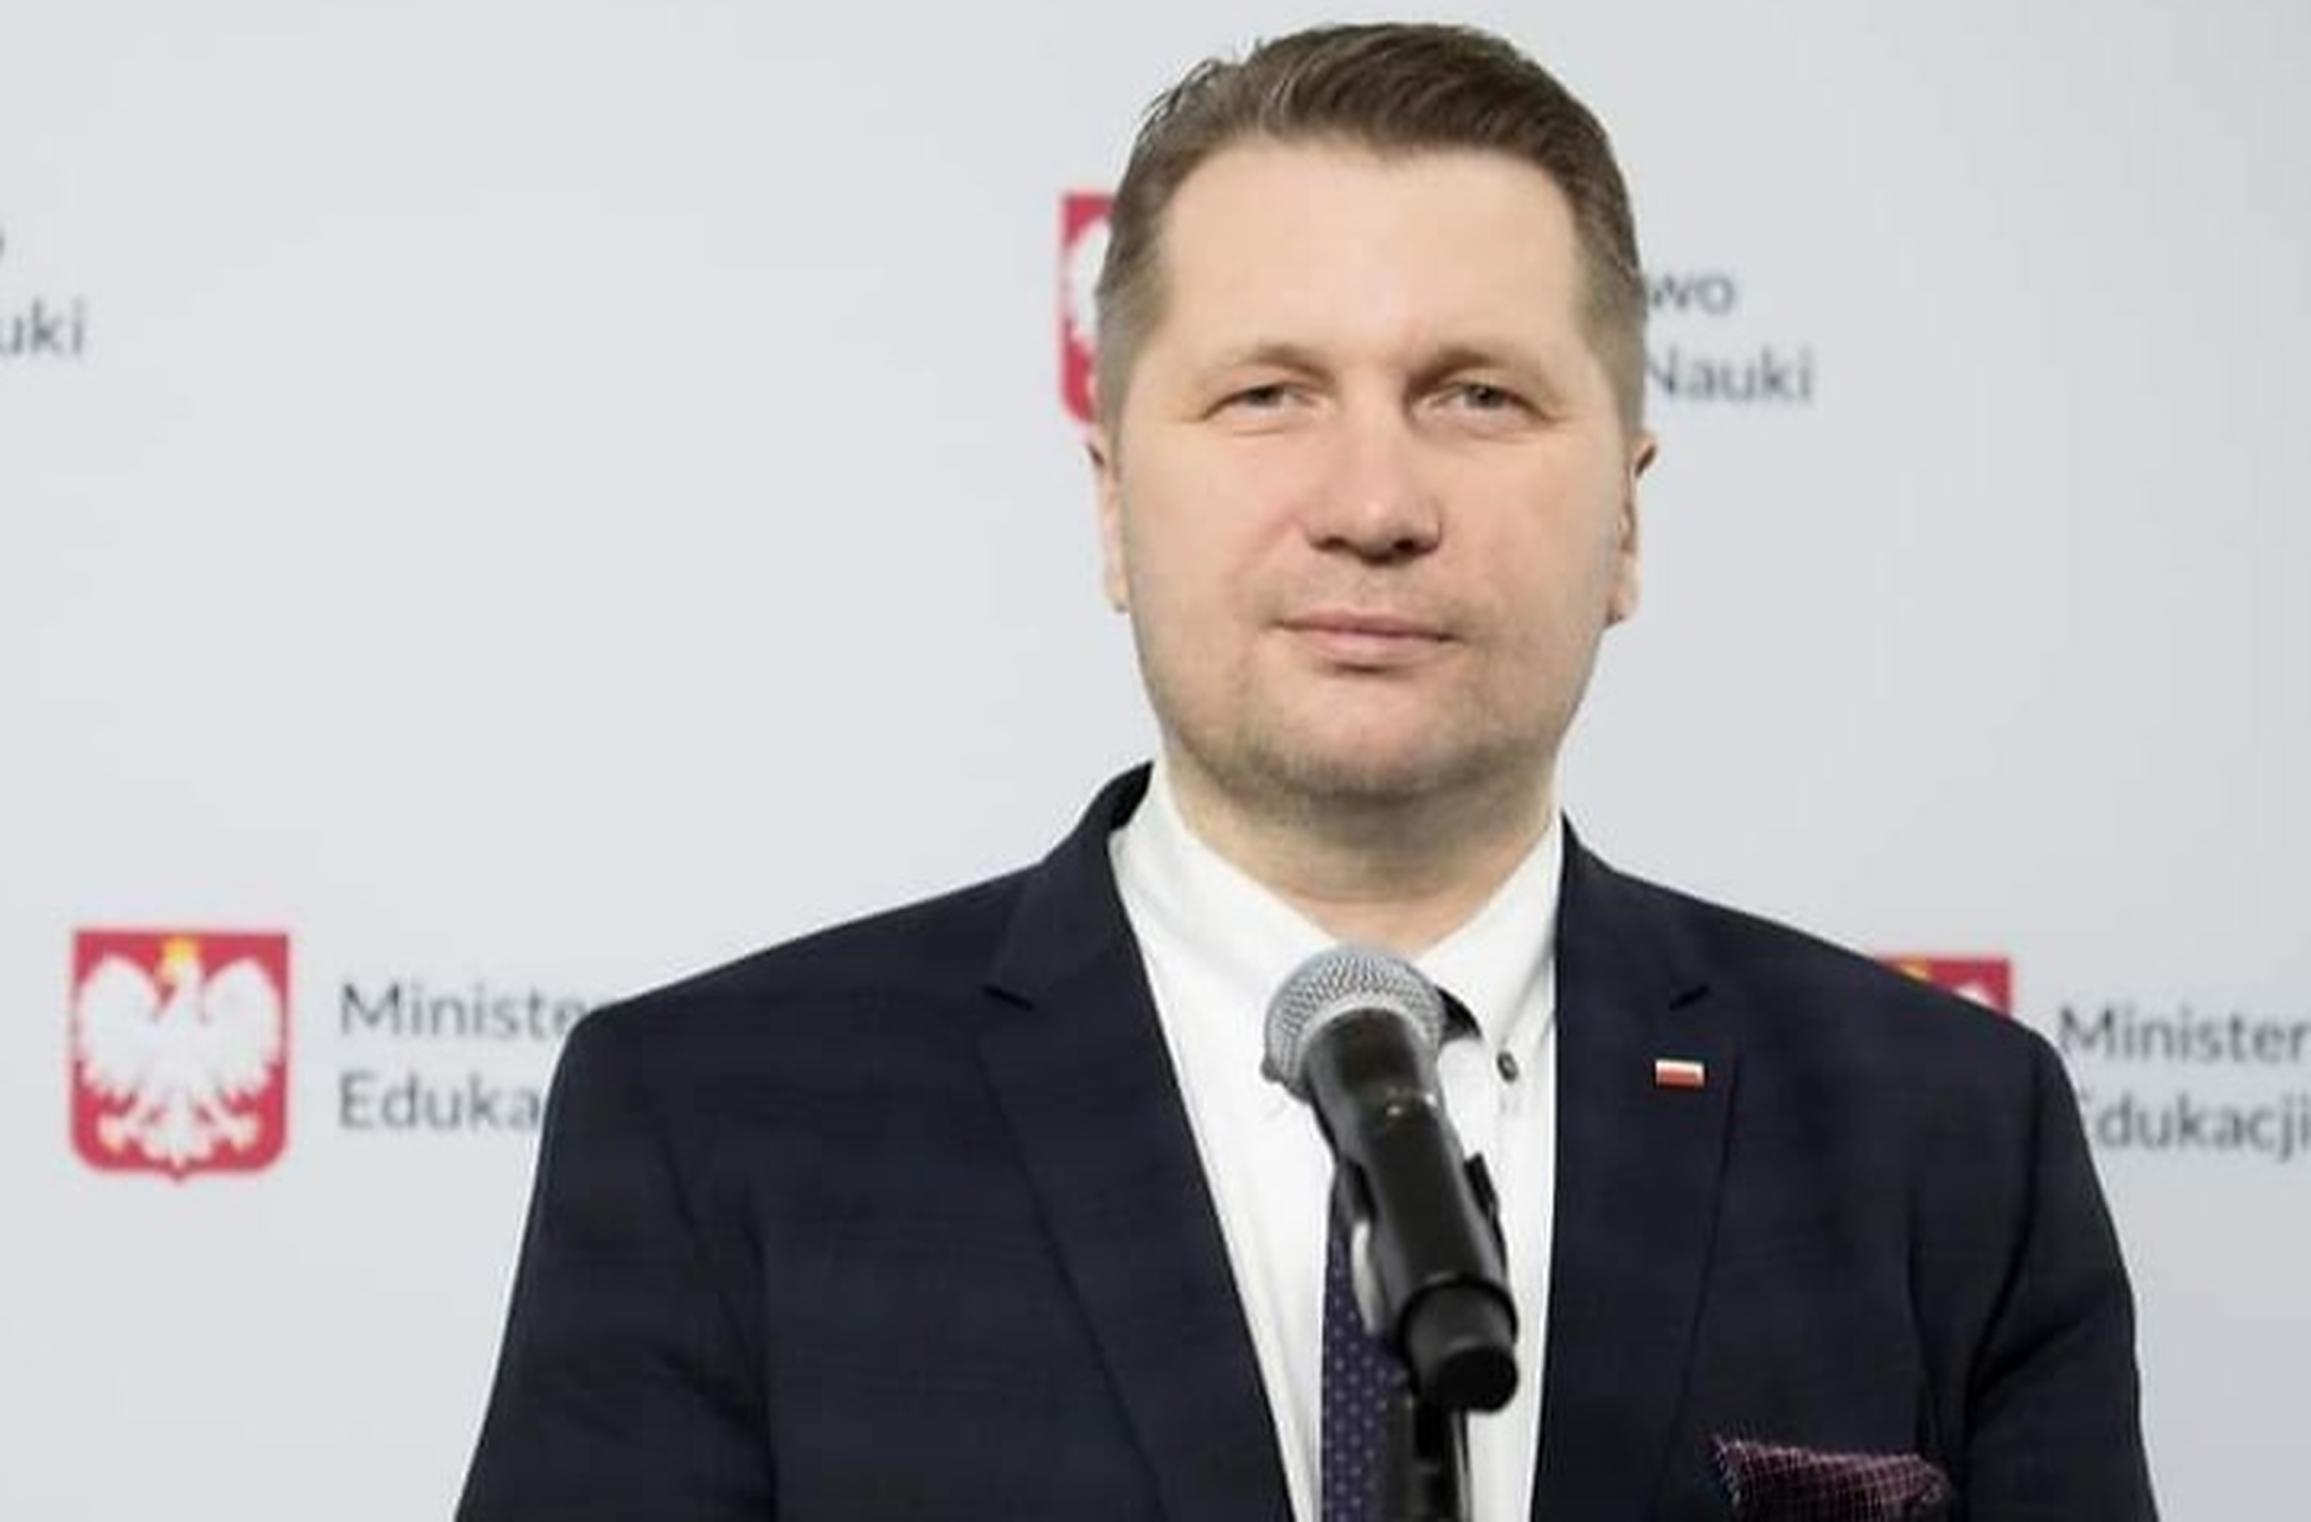 Polonia trebuie să copieze integral legea maghiară anti-LGBT, crede ministrul polonez al   Educației